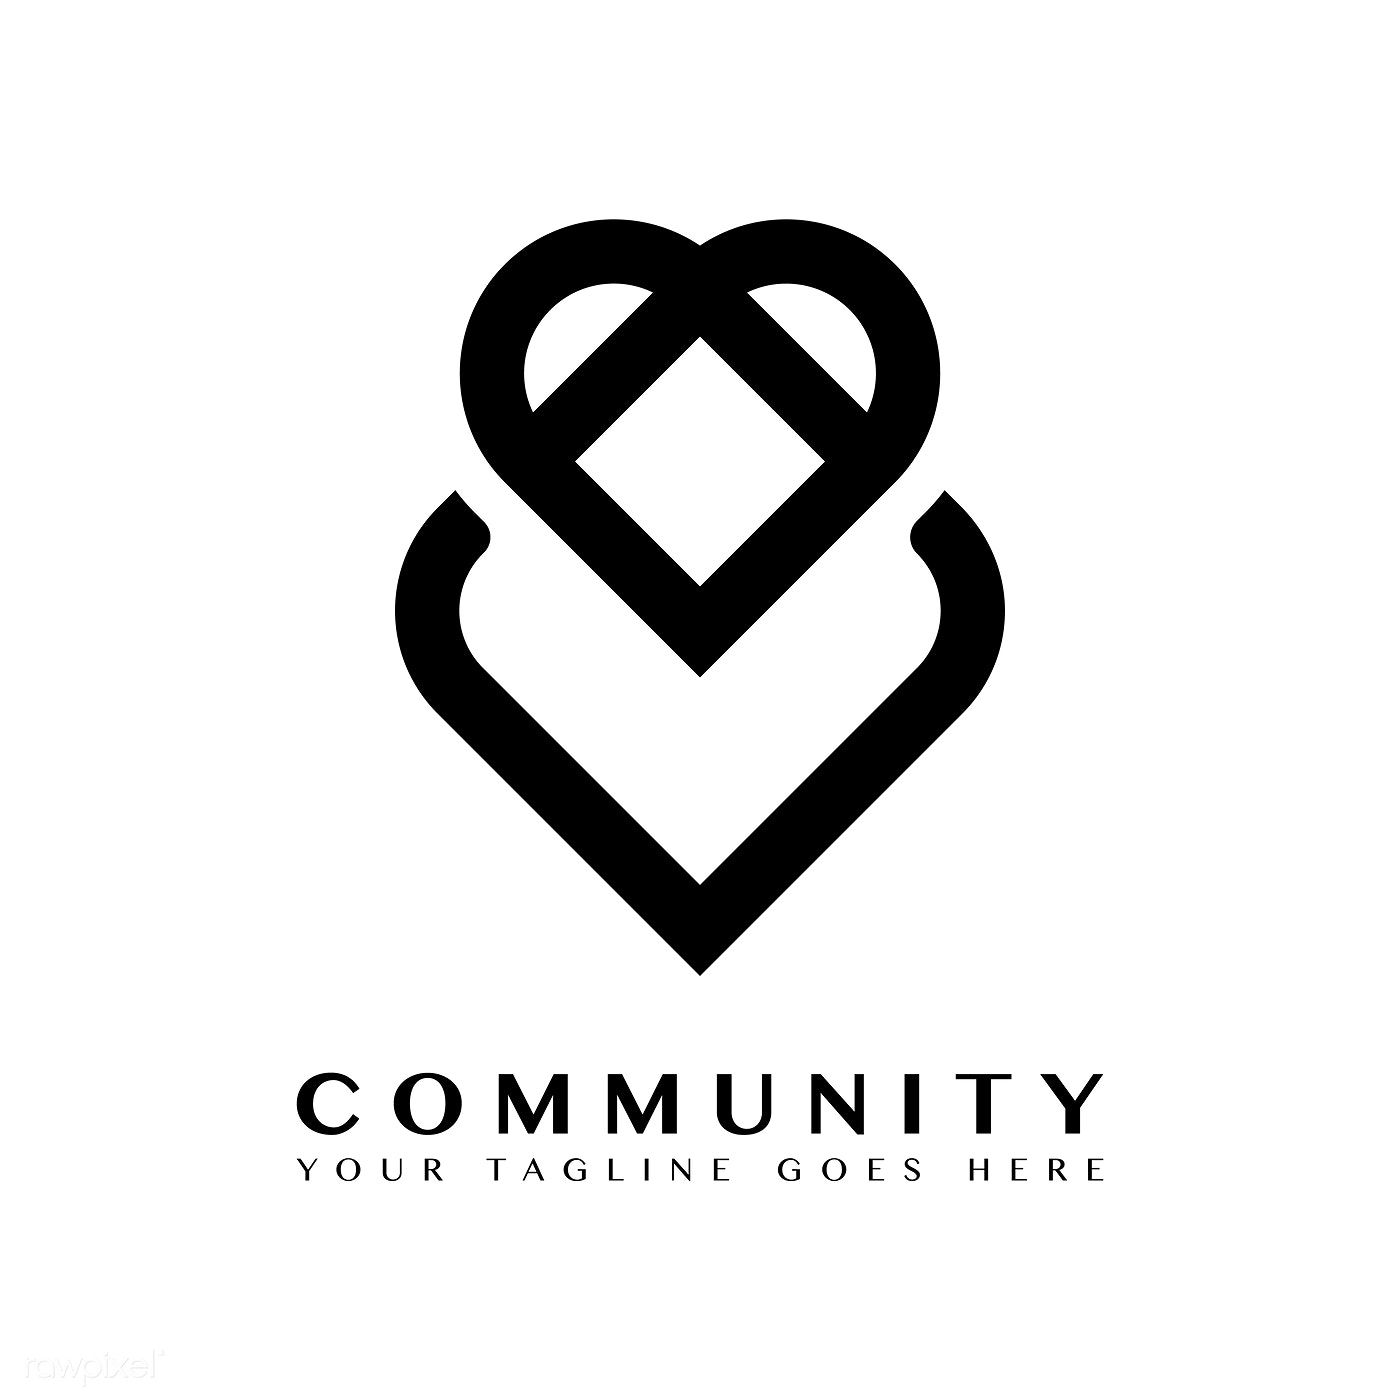 Community Branding Logo Design Sample Free Image By Rawpixel Com Logo Design Samples Logo Design Branding Design Logo